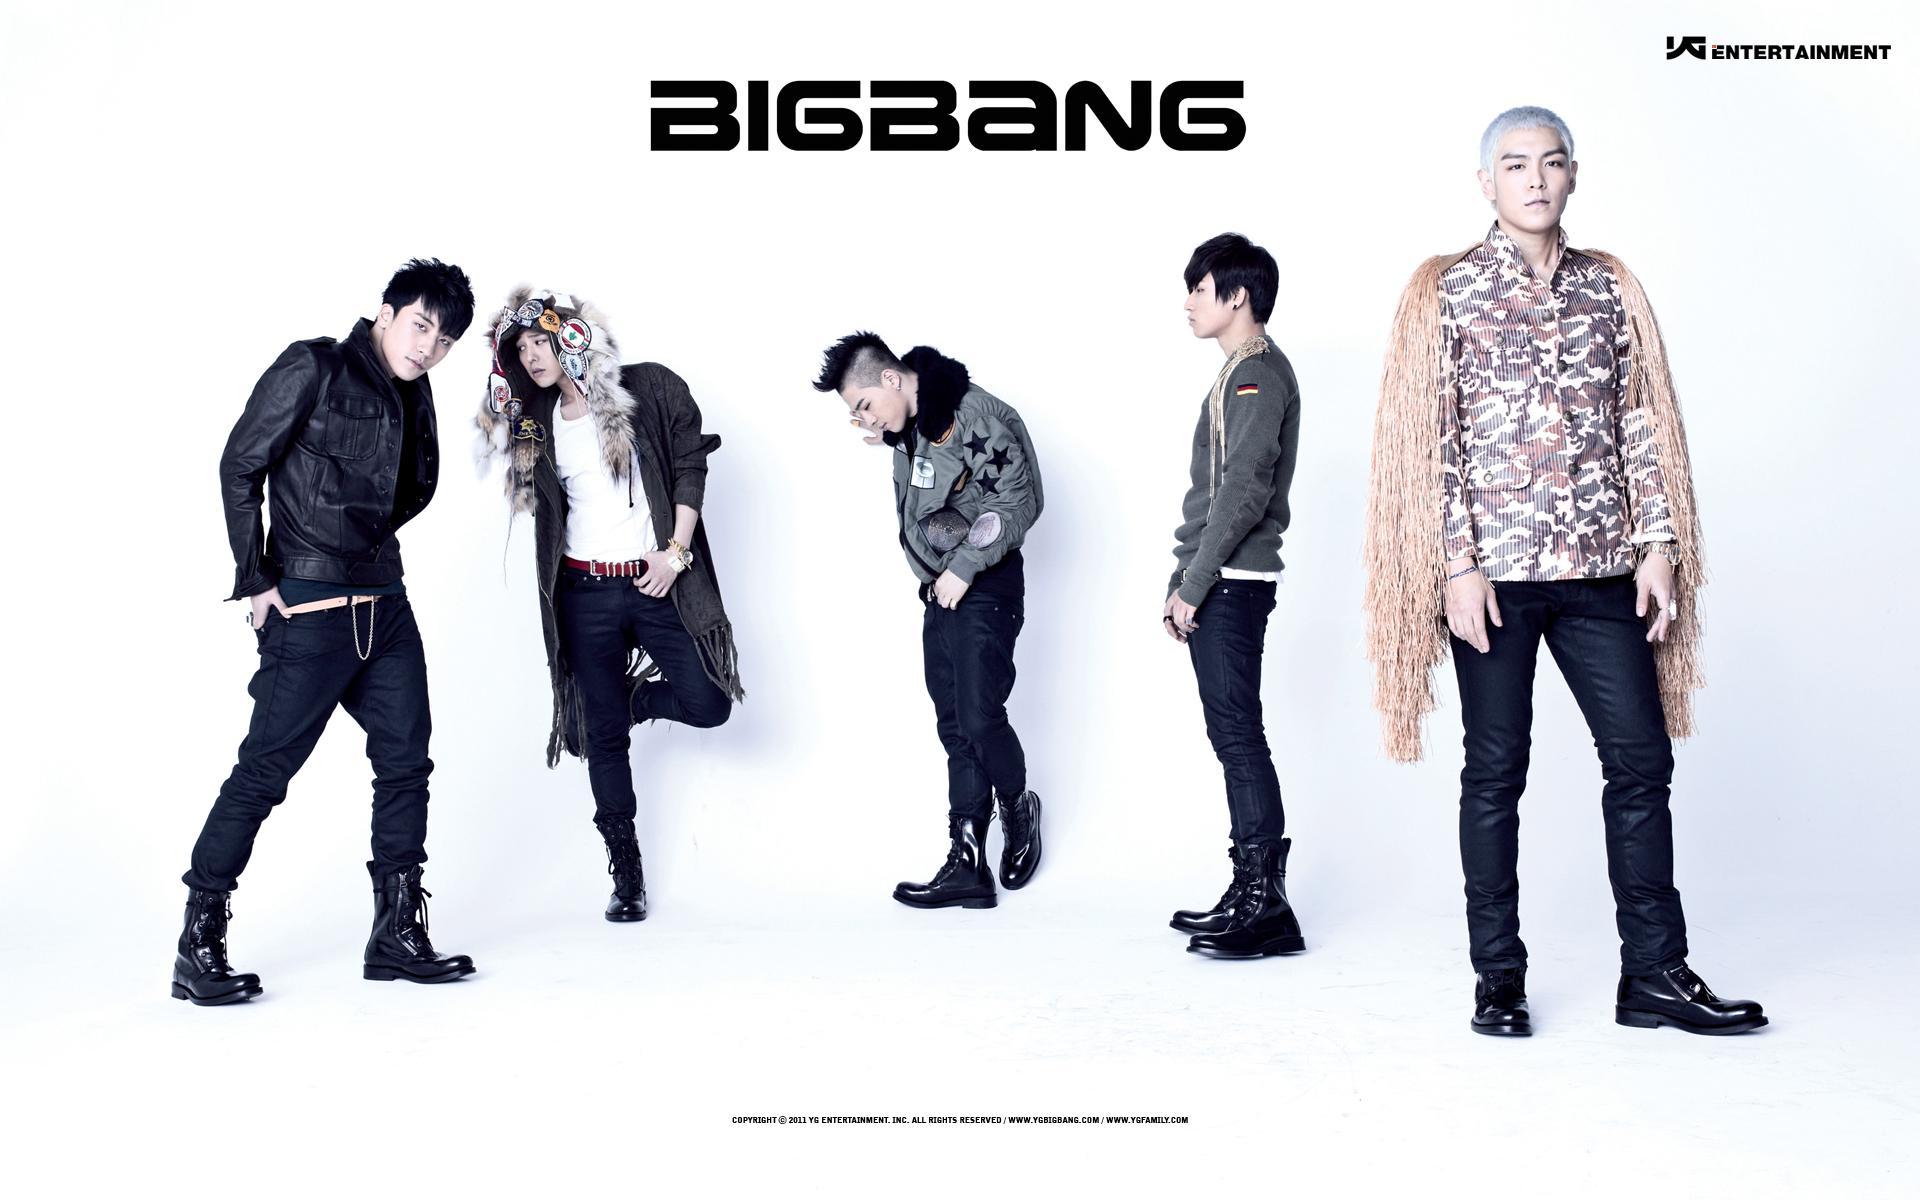 G Dragon Bigbang Hip Hop K Pop Korean Kpop Pop 85 Wallpaper 1920x1200 228755 Wallpaperup